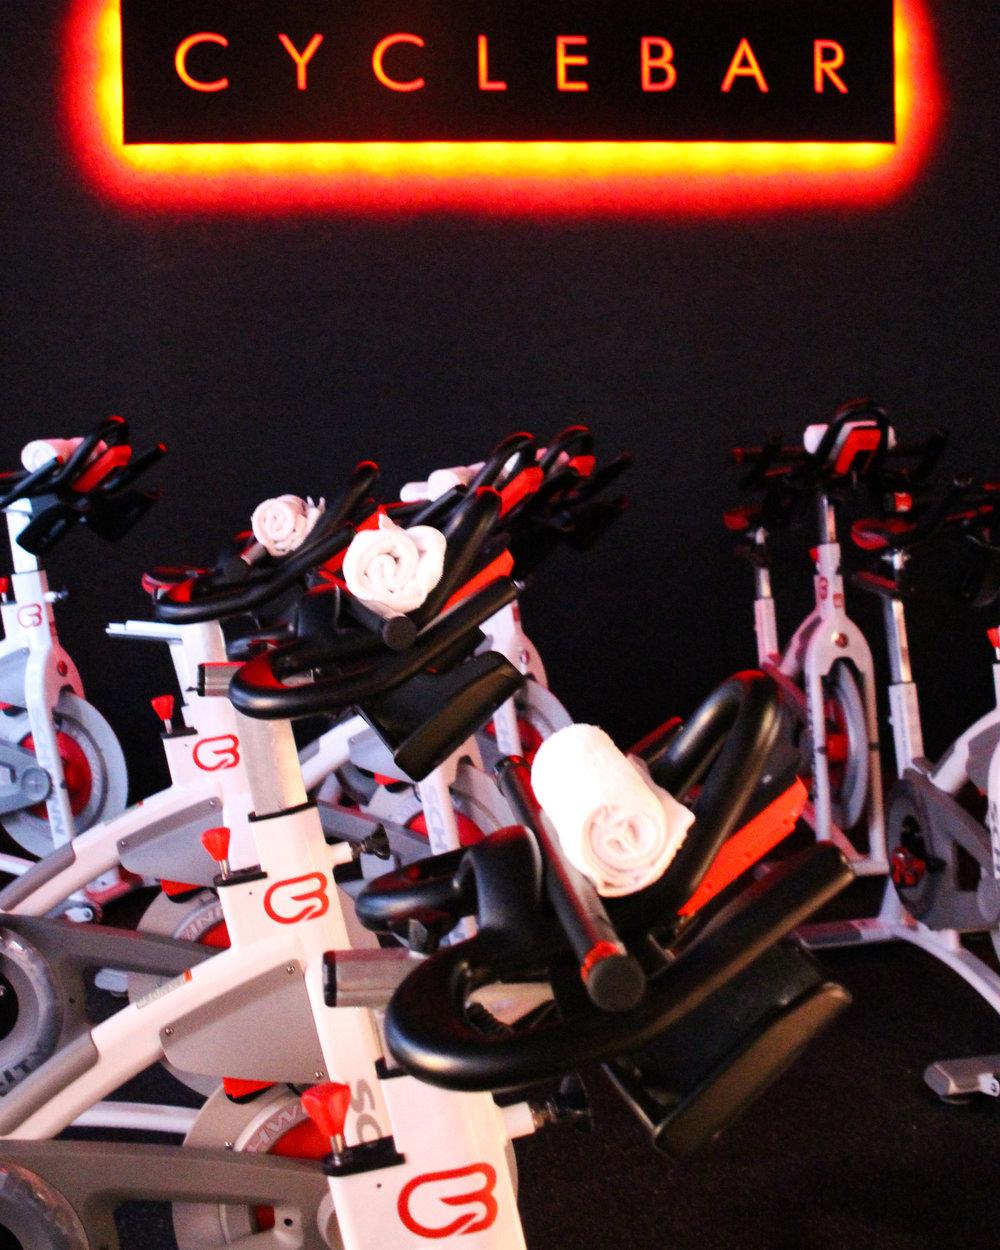 06022017_CycleBar_070.jpg